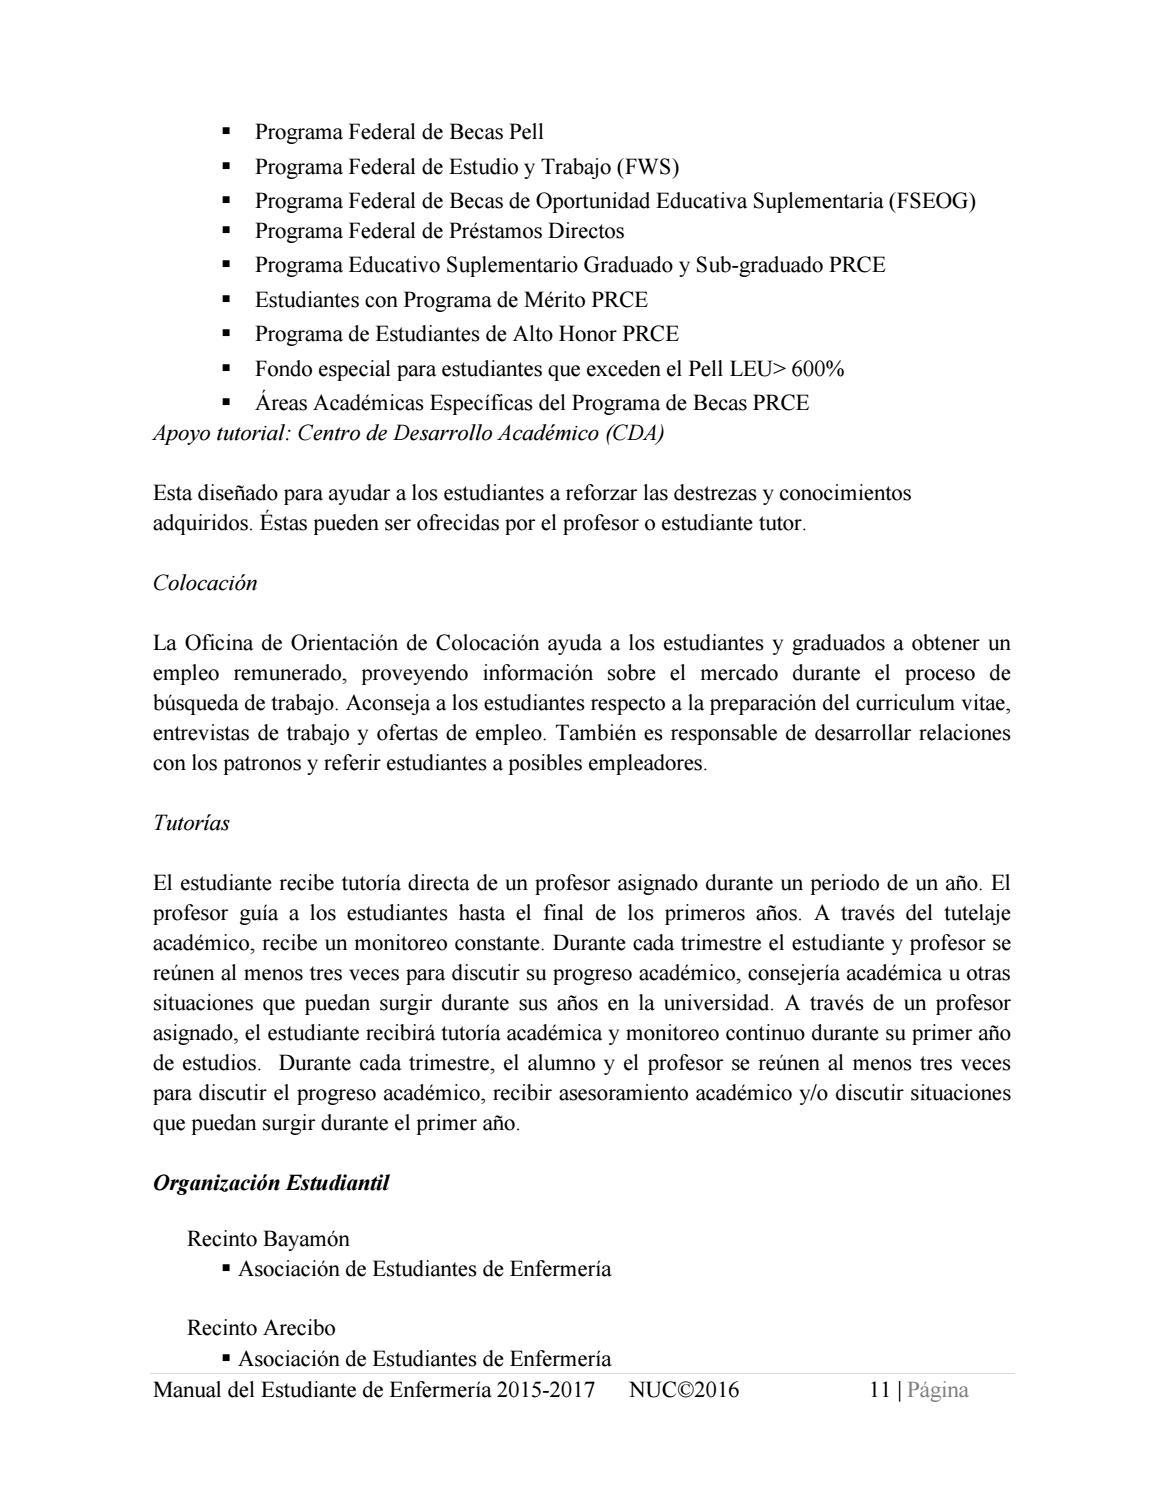 Hermosa Buenas Habilidades Para Enumerar En Currículum De Enfermería ...